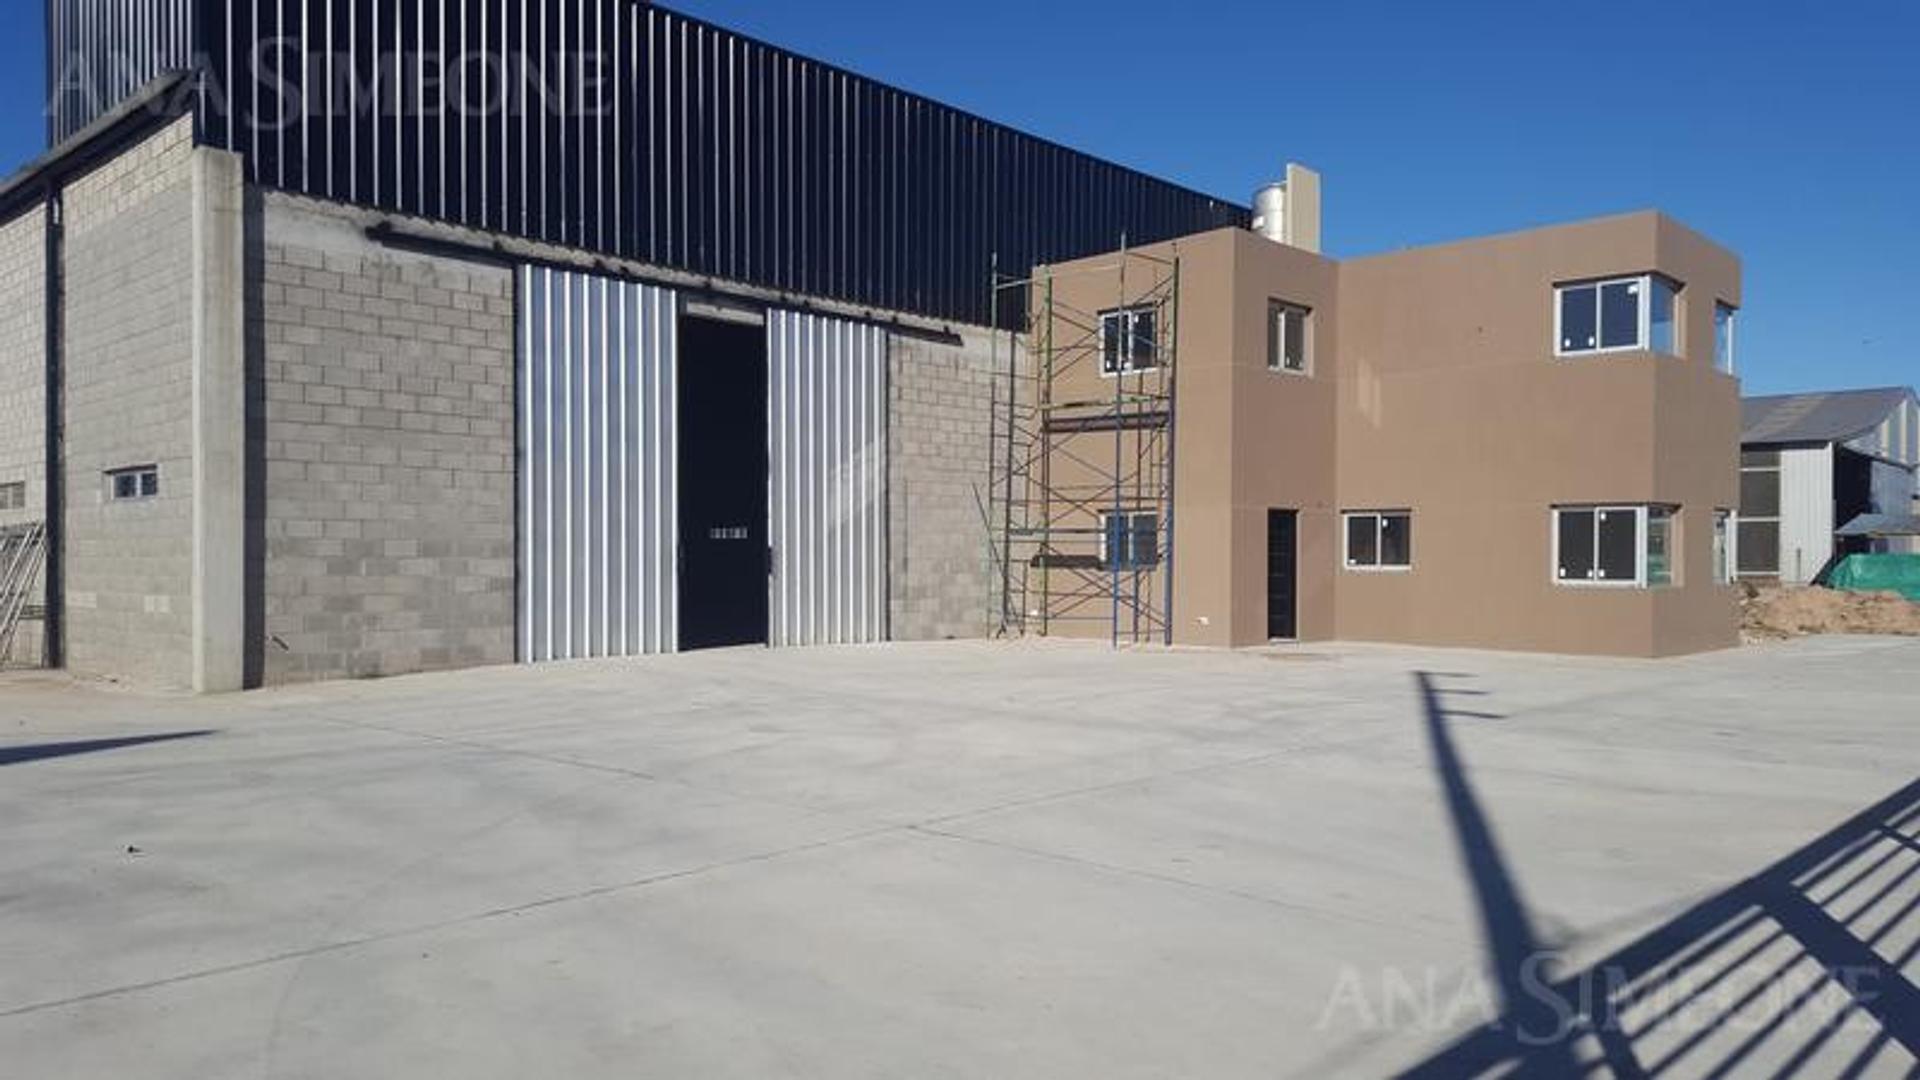 Excelente Deposito de 820 m2 Industrial sobre terreno de 2.400 m2